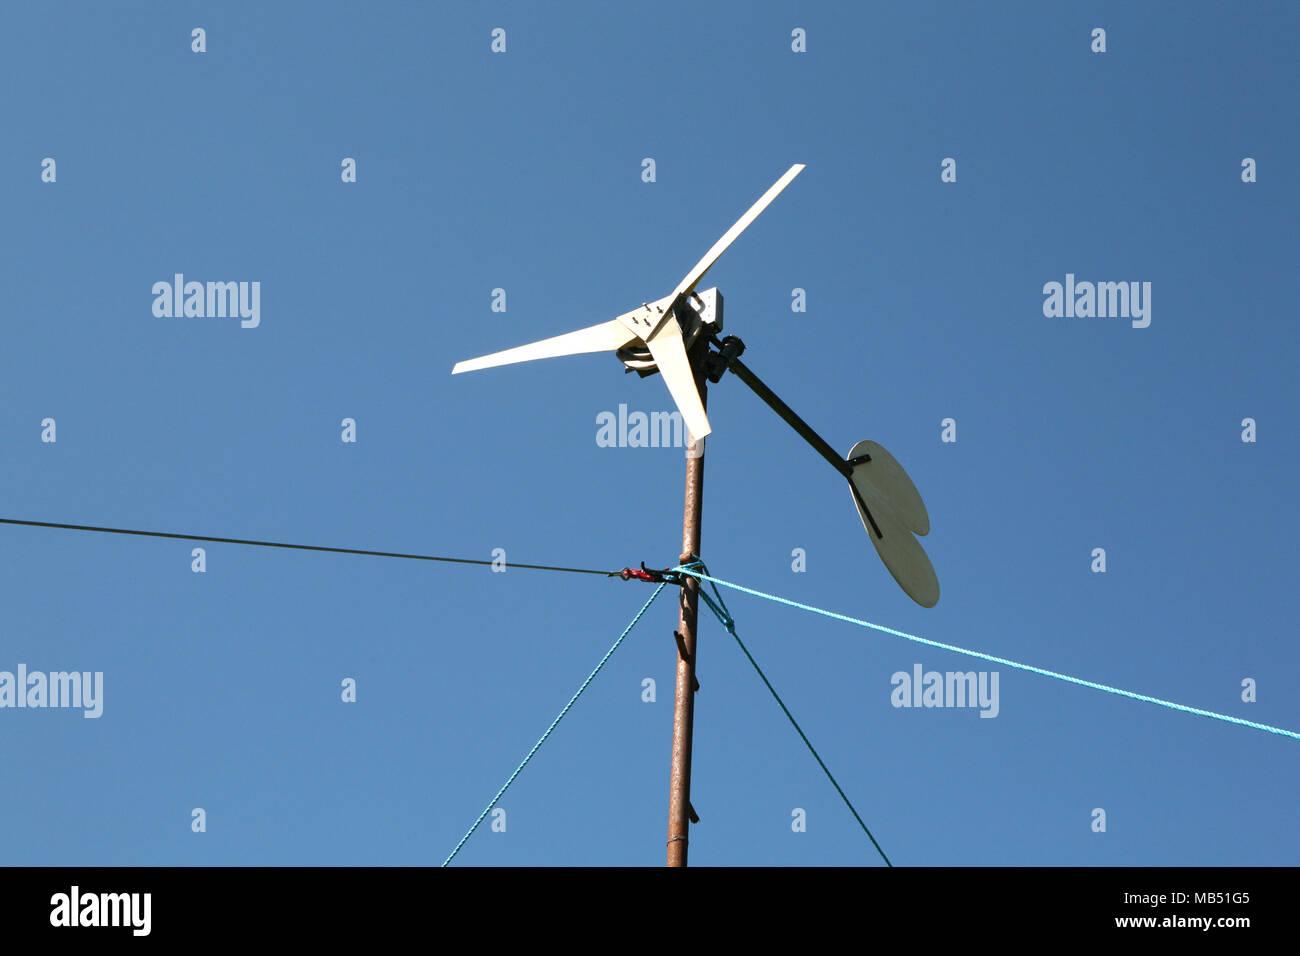 Pequeña turbina de viento la producción de energía limpia selfbuilt Imagen De Stock